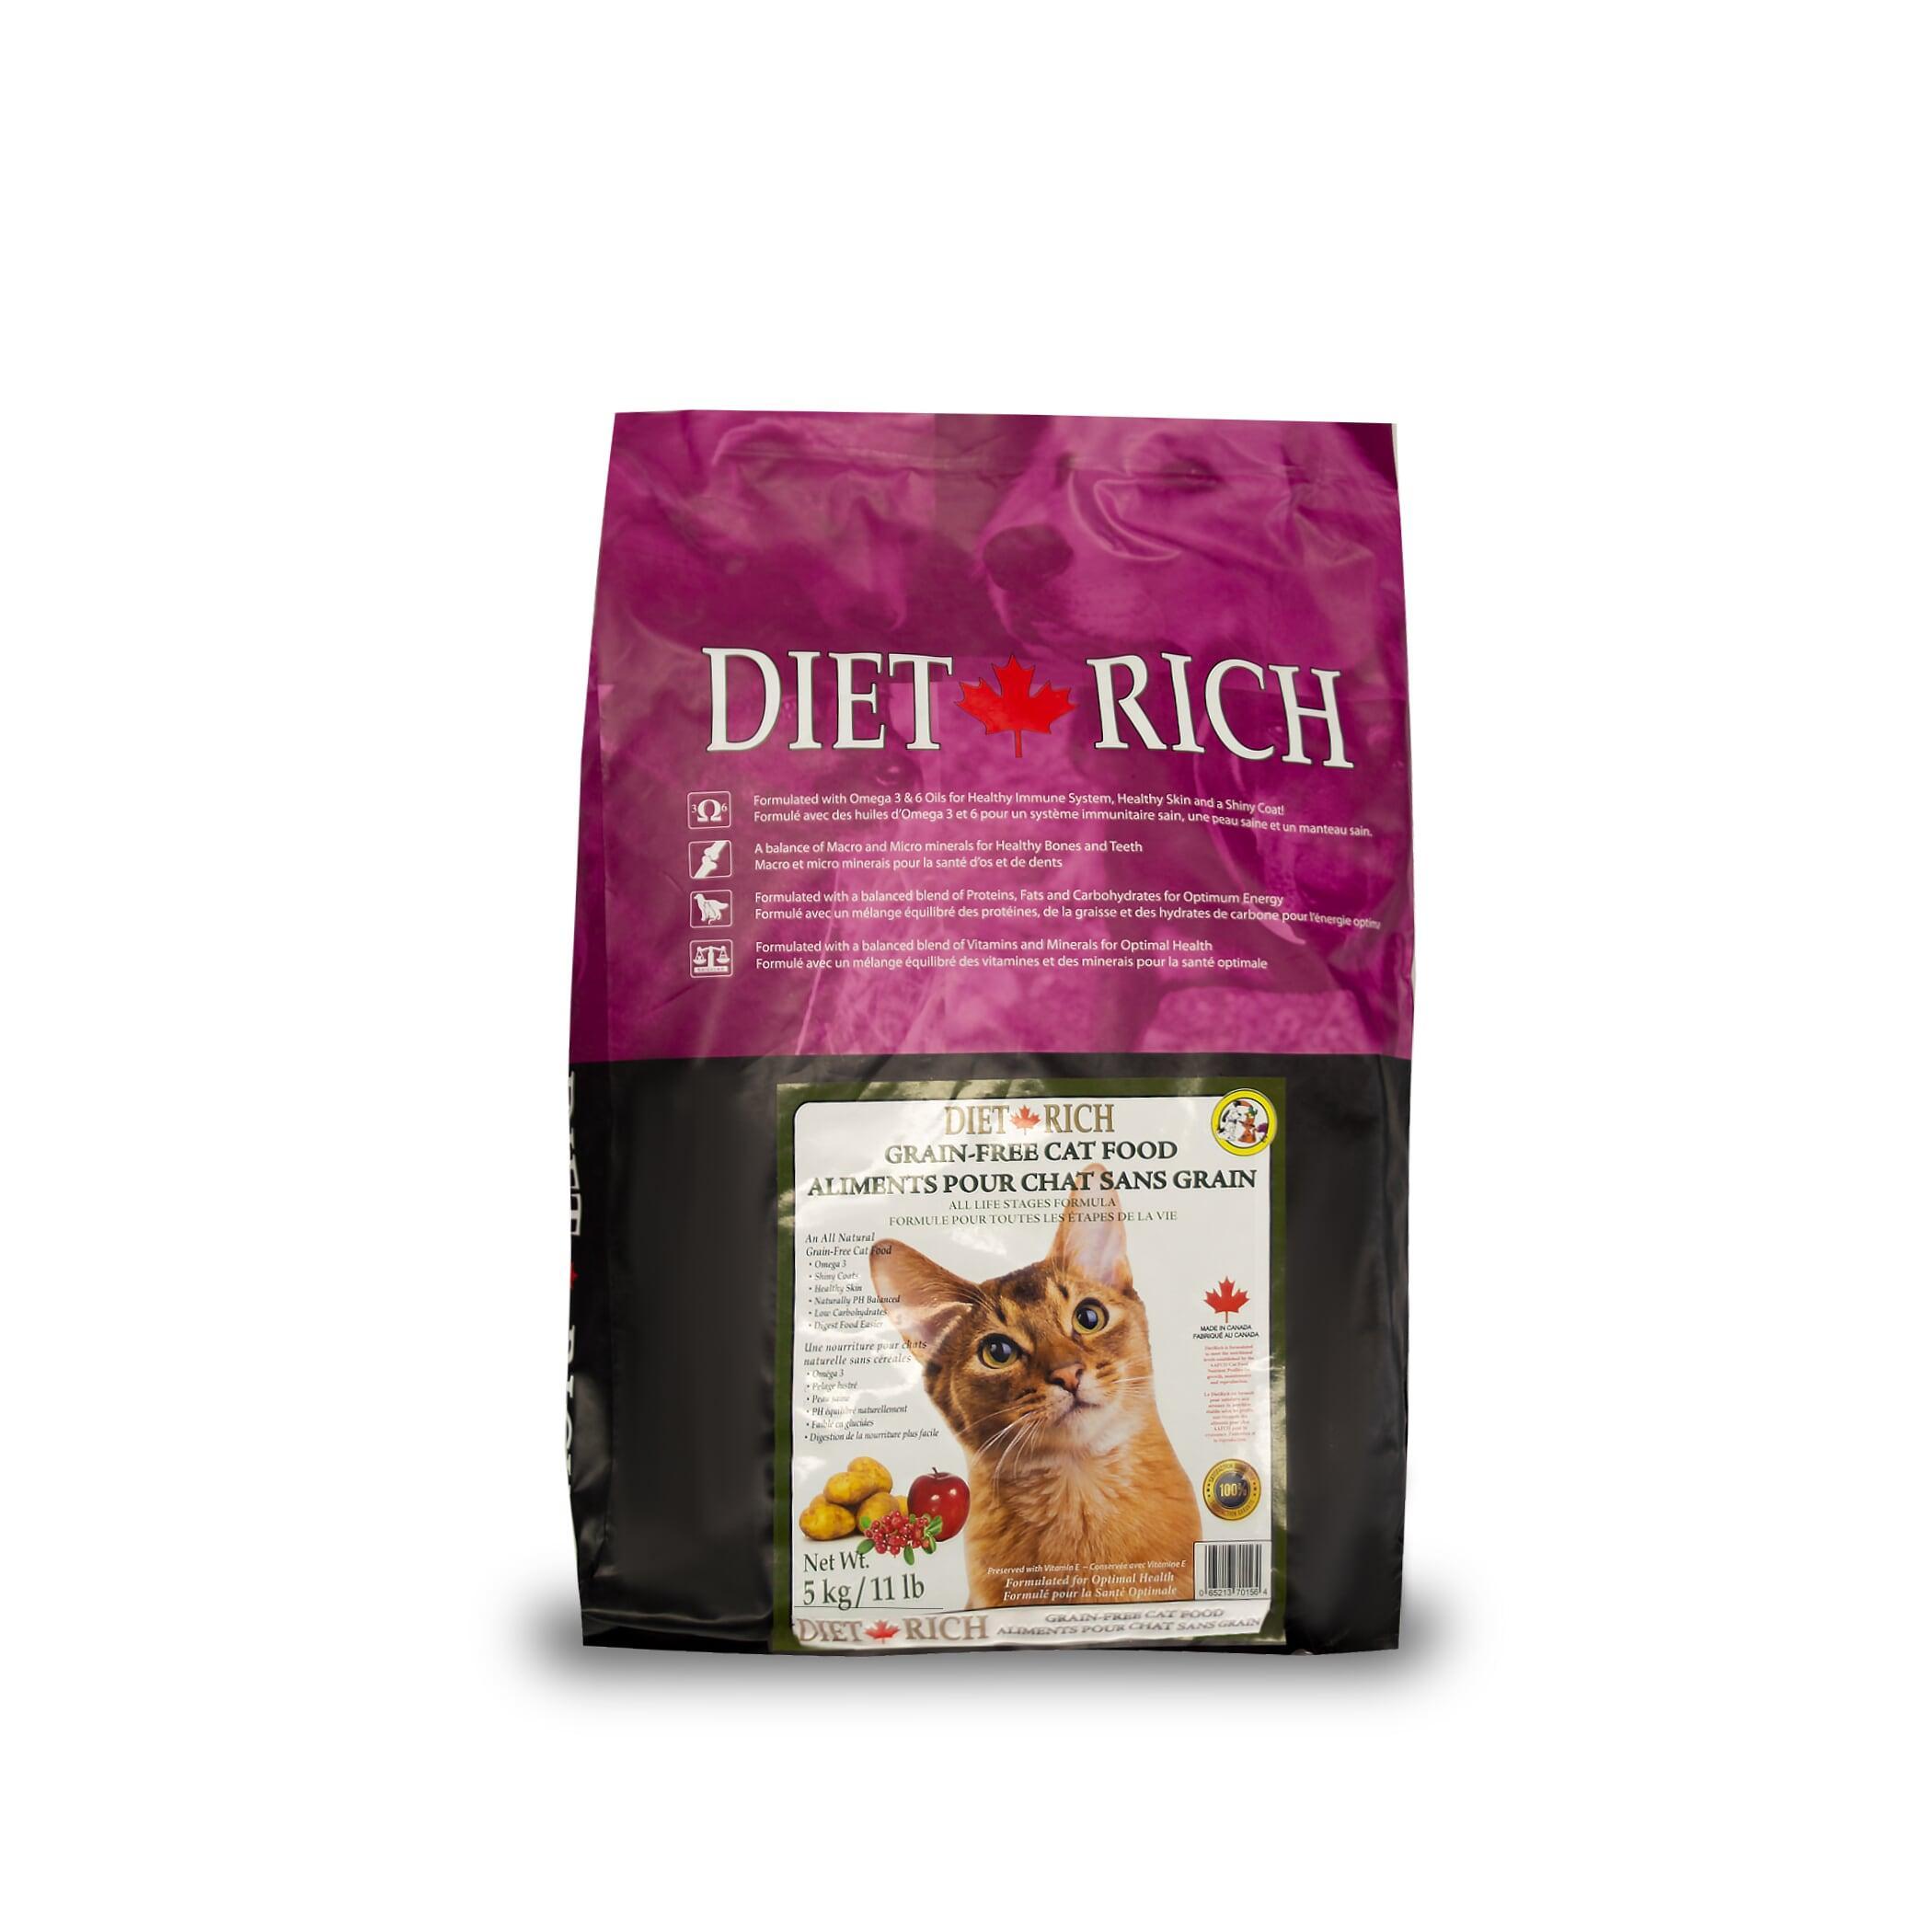 Dietrich Grain-Free Dry Cat Food, 5-kg